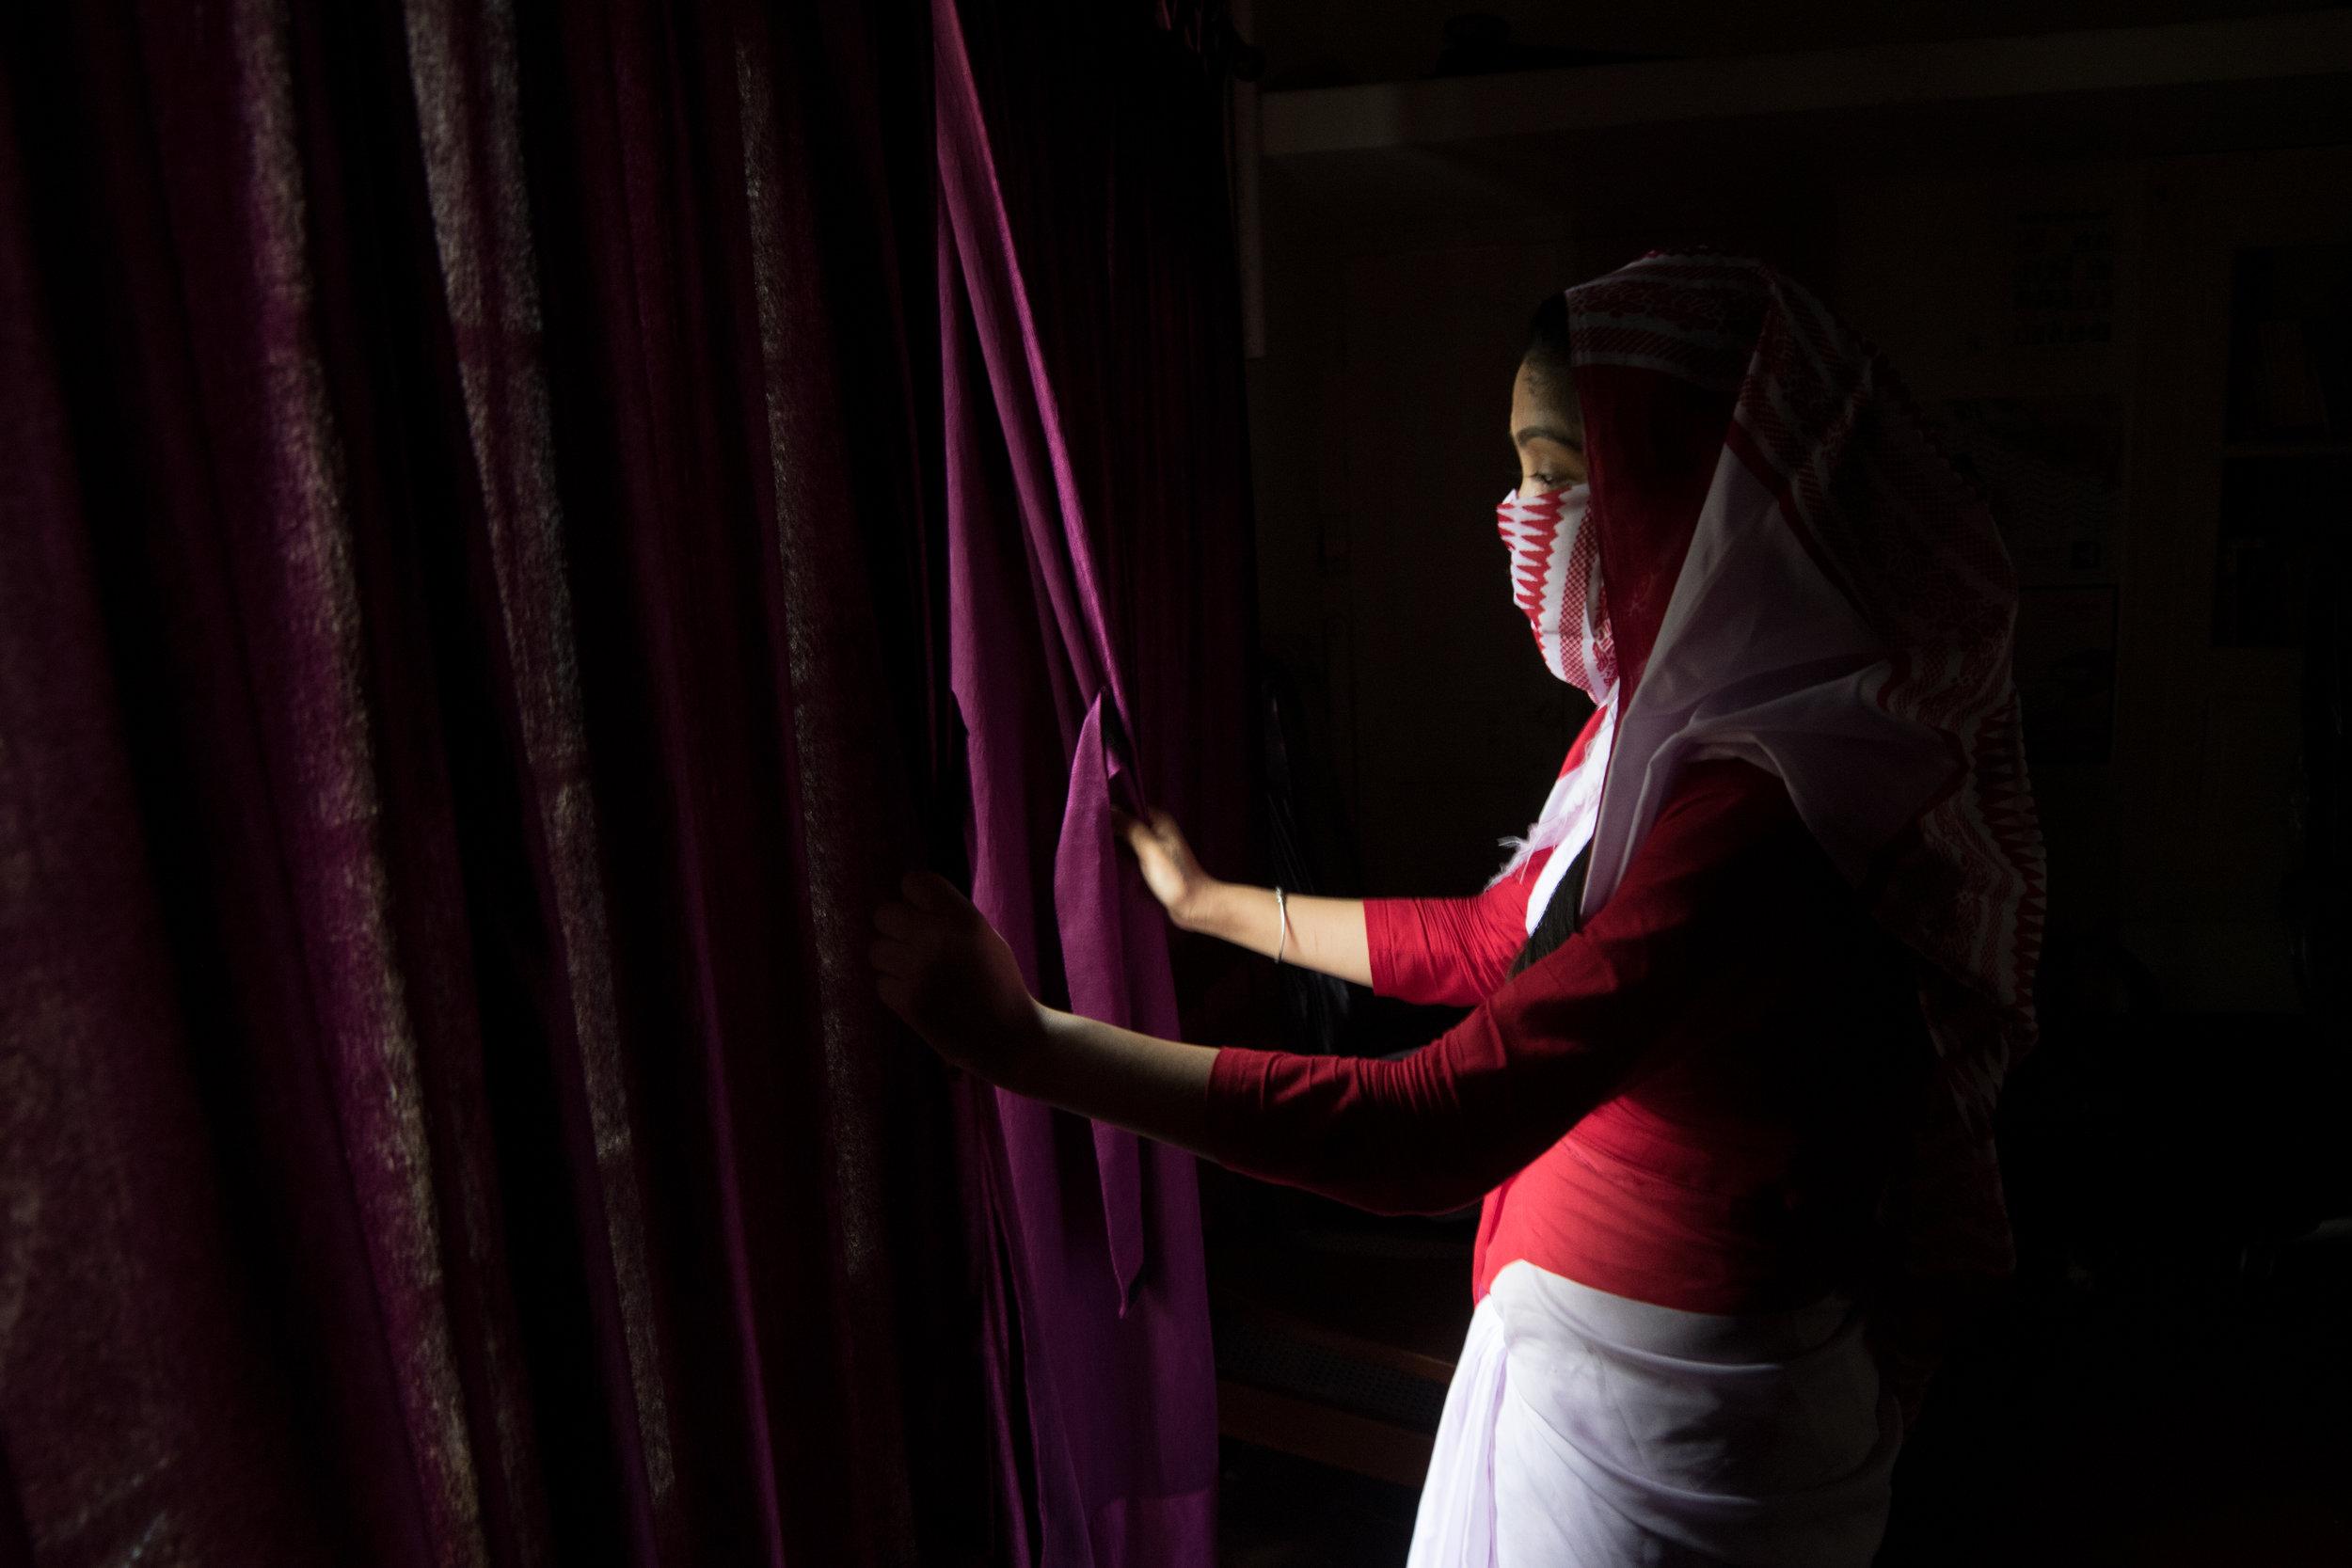 Luna (18), que participa en el programa School For Justice, fue traficada dos veces. La primera por 70.000 rupias (826 euros) en el distrito rojo de Mumbai y la segunda en Raipur por 50.000 rupias (590 euros).. ANA GONZÁLEZ